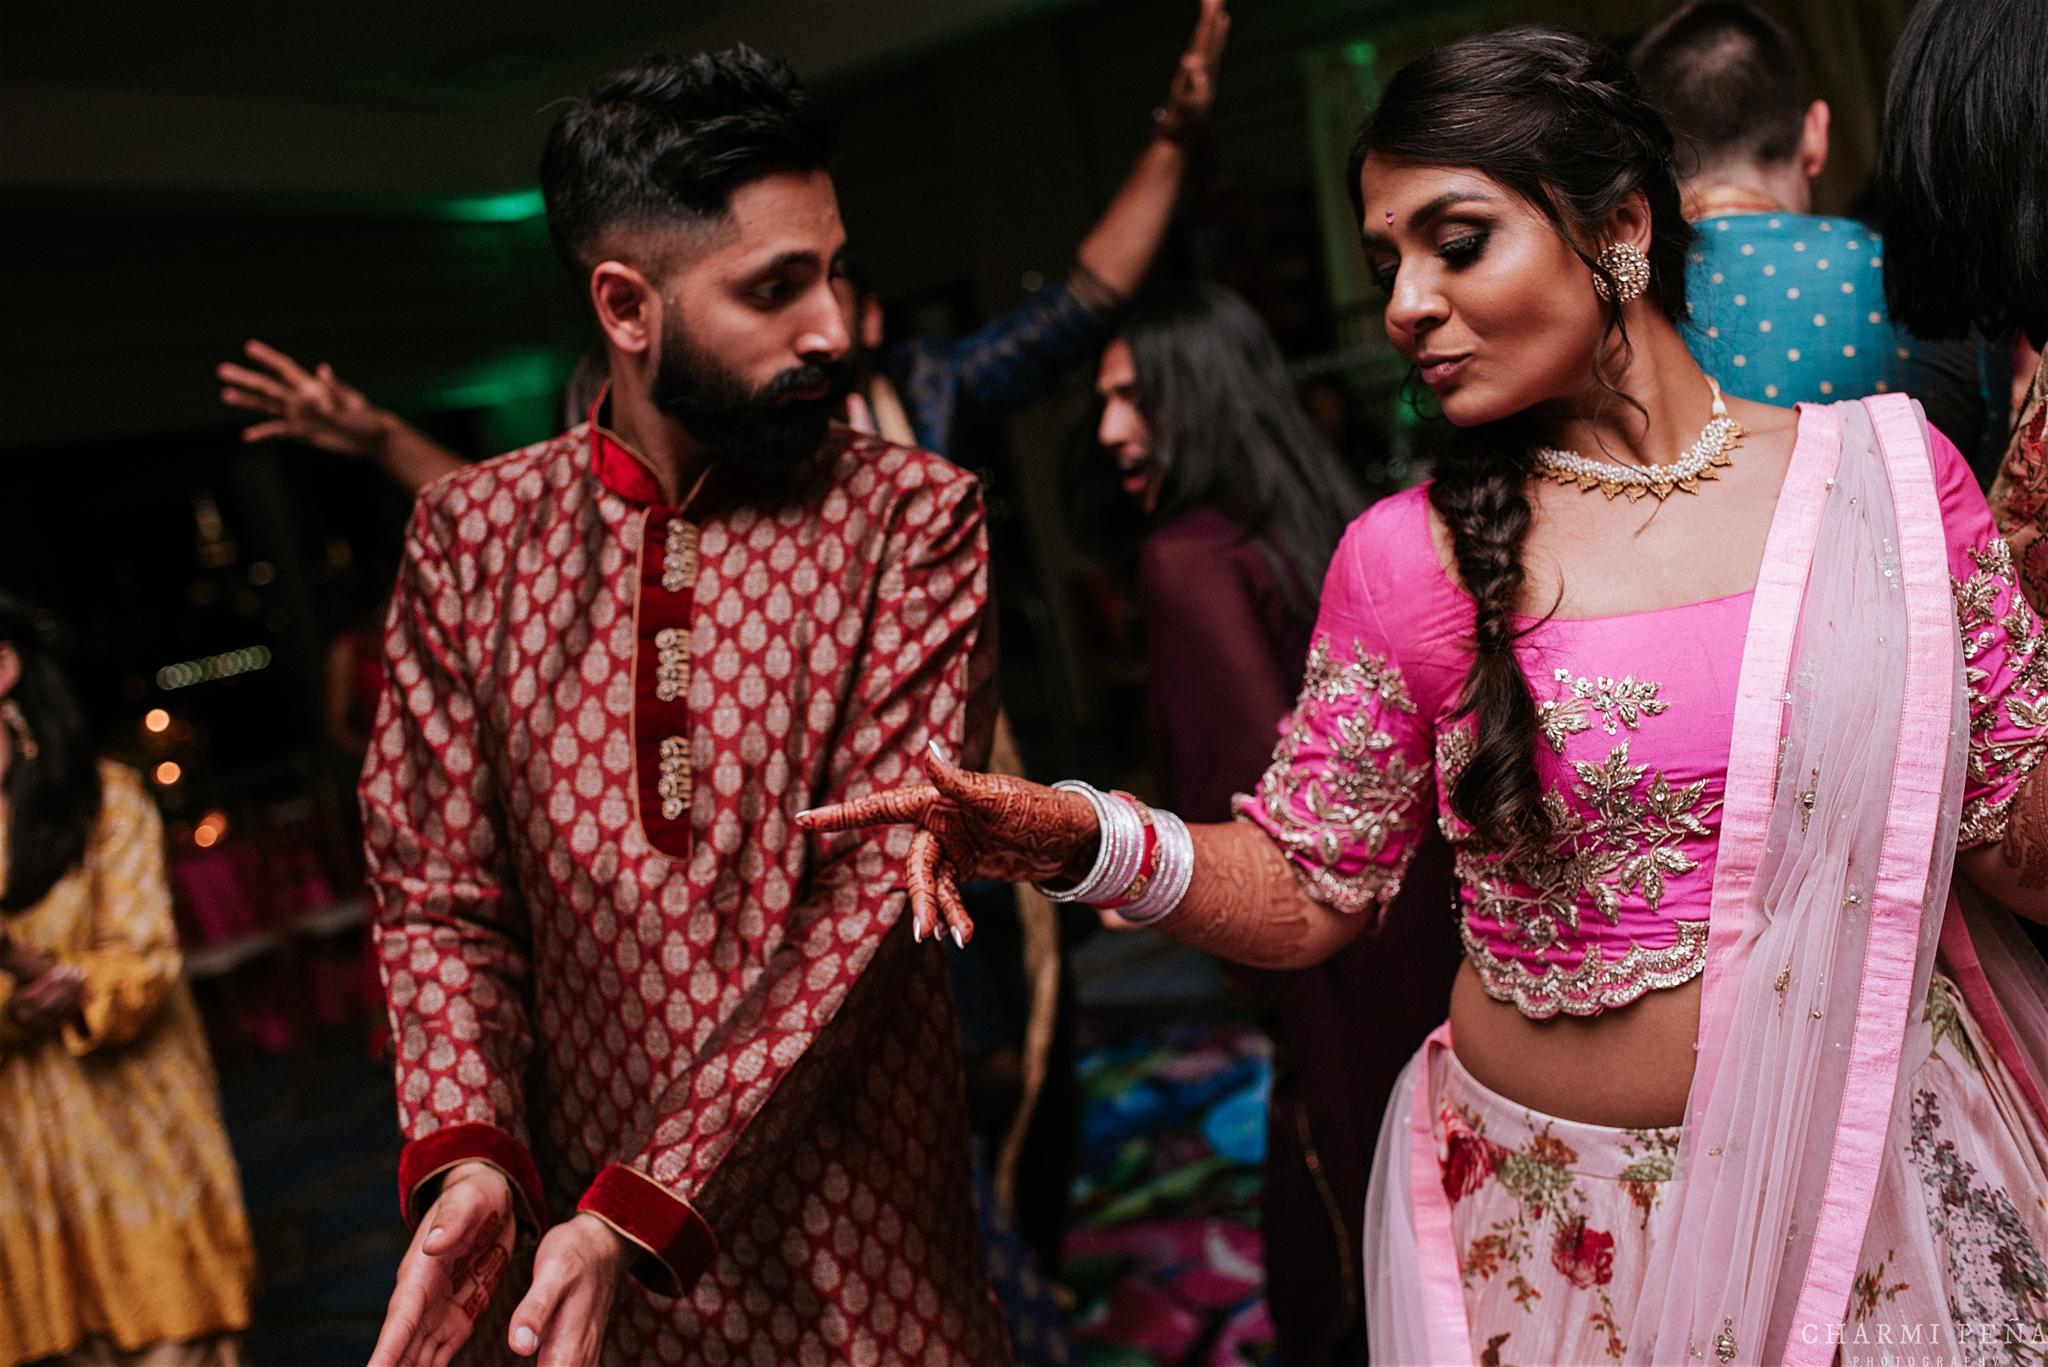 INDIAN WEDDING SANGEET BRIDE AND GROOM DANCING 2.jpg